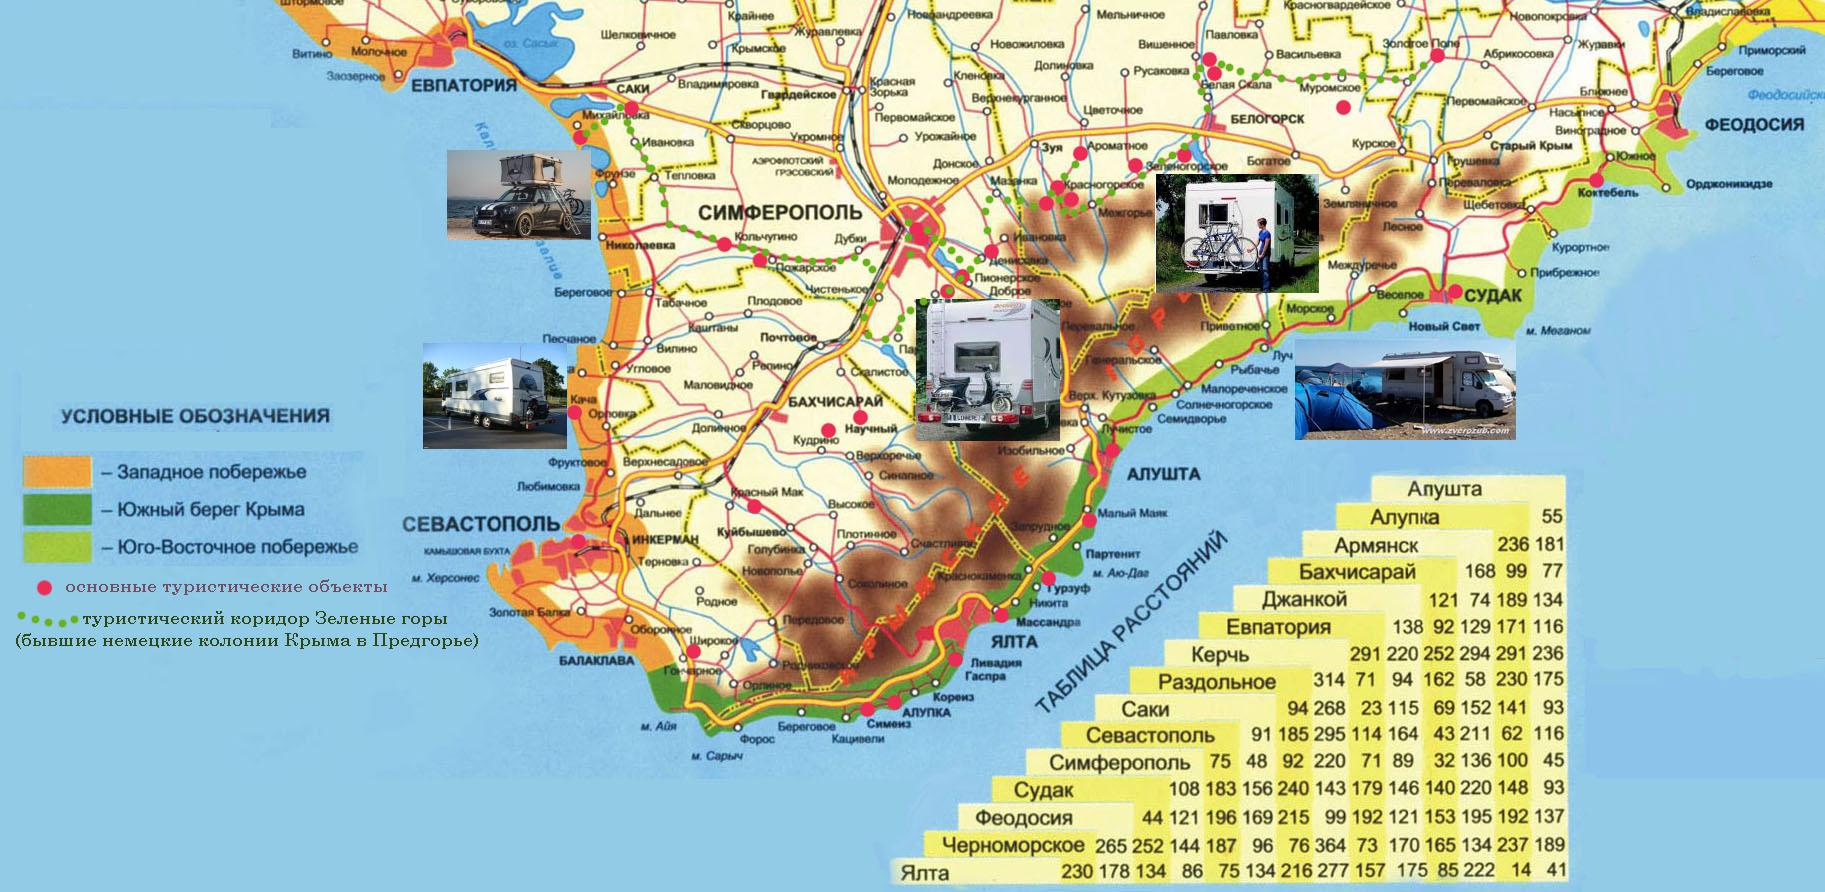 Карта Крыма, маршрут авто+вело Крымские немцы, расстояния между городами Курорты и транспорт